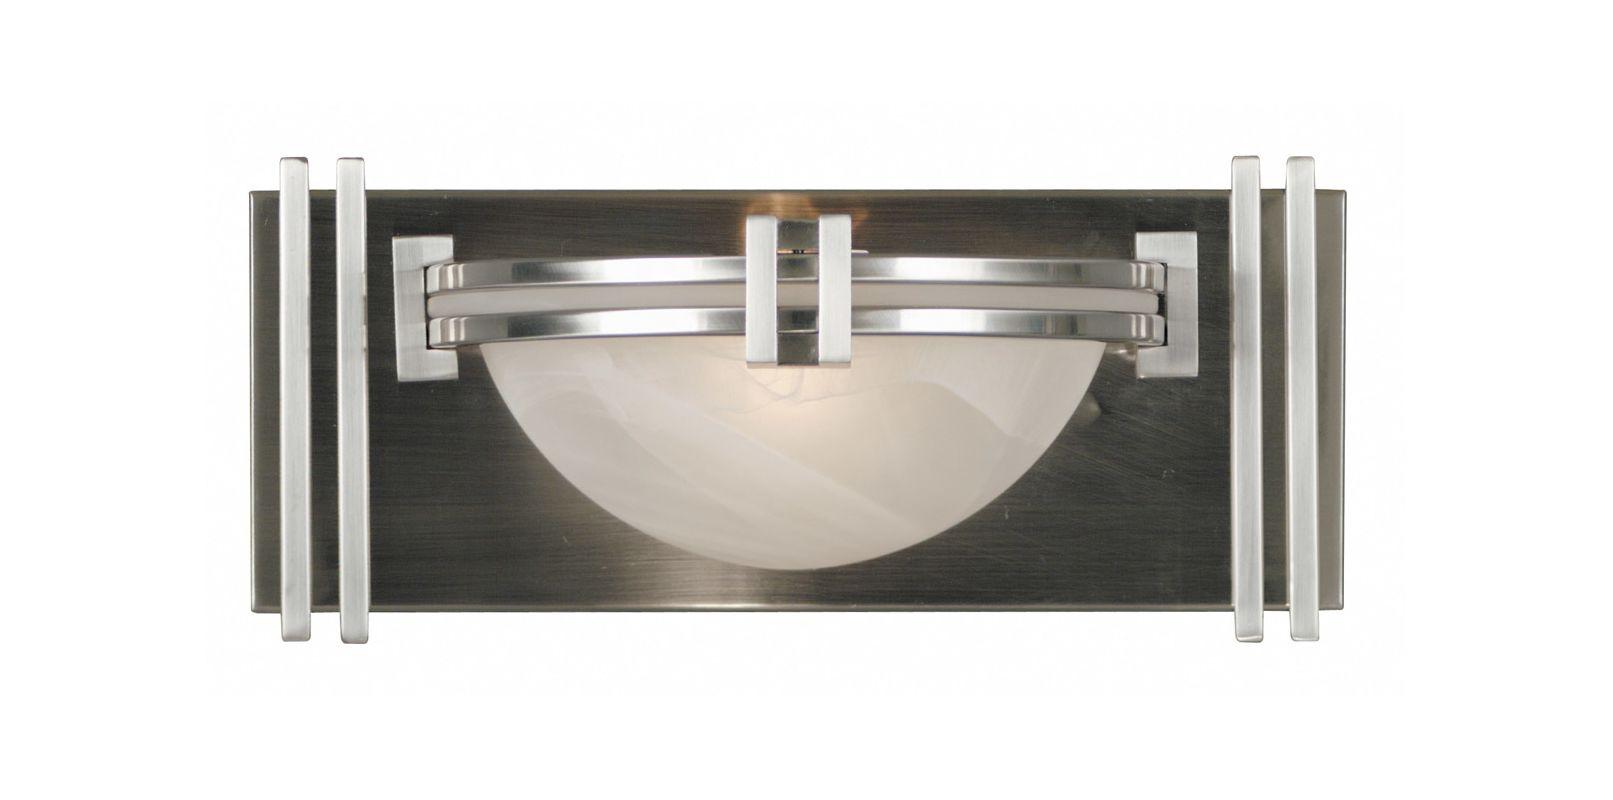 Kenroy home 32491ch kenroy home 32491ch o ring floor lamp in chrome - Lightingshowplacecom 10370bs In Brushed Steel By Kenroy